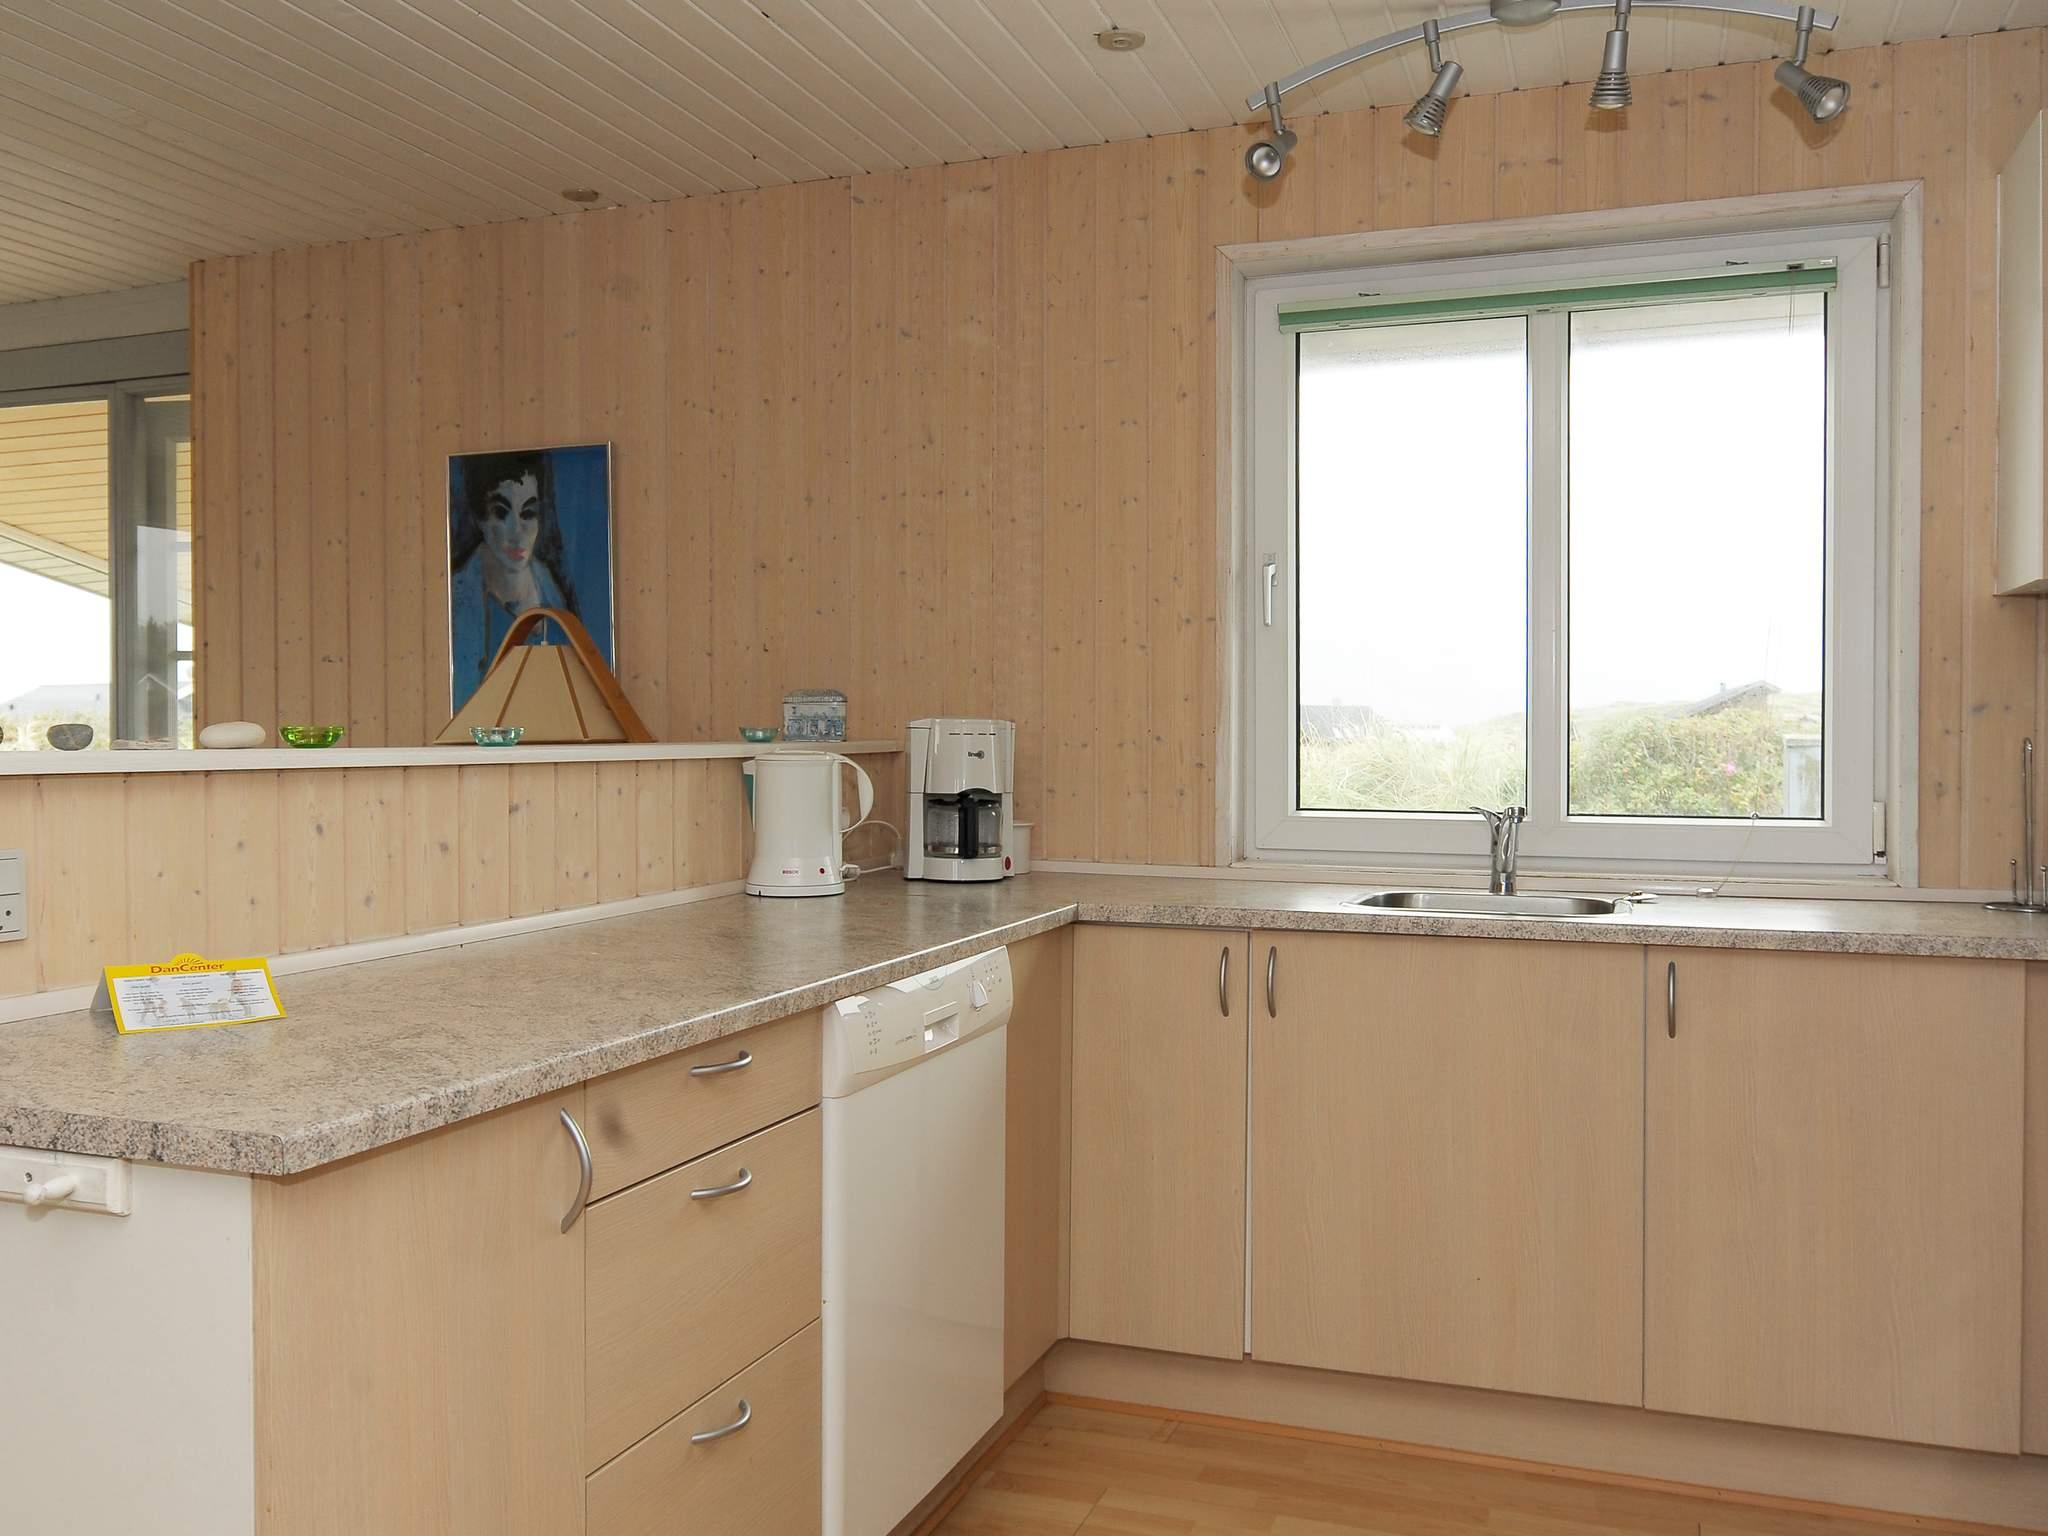 Ferienhaus Vejlby Klit (88925), Harboøre, , Limfjord, Dänemark, Bild 15